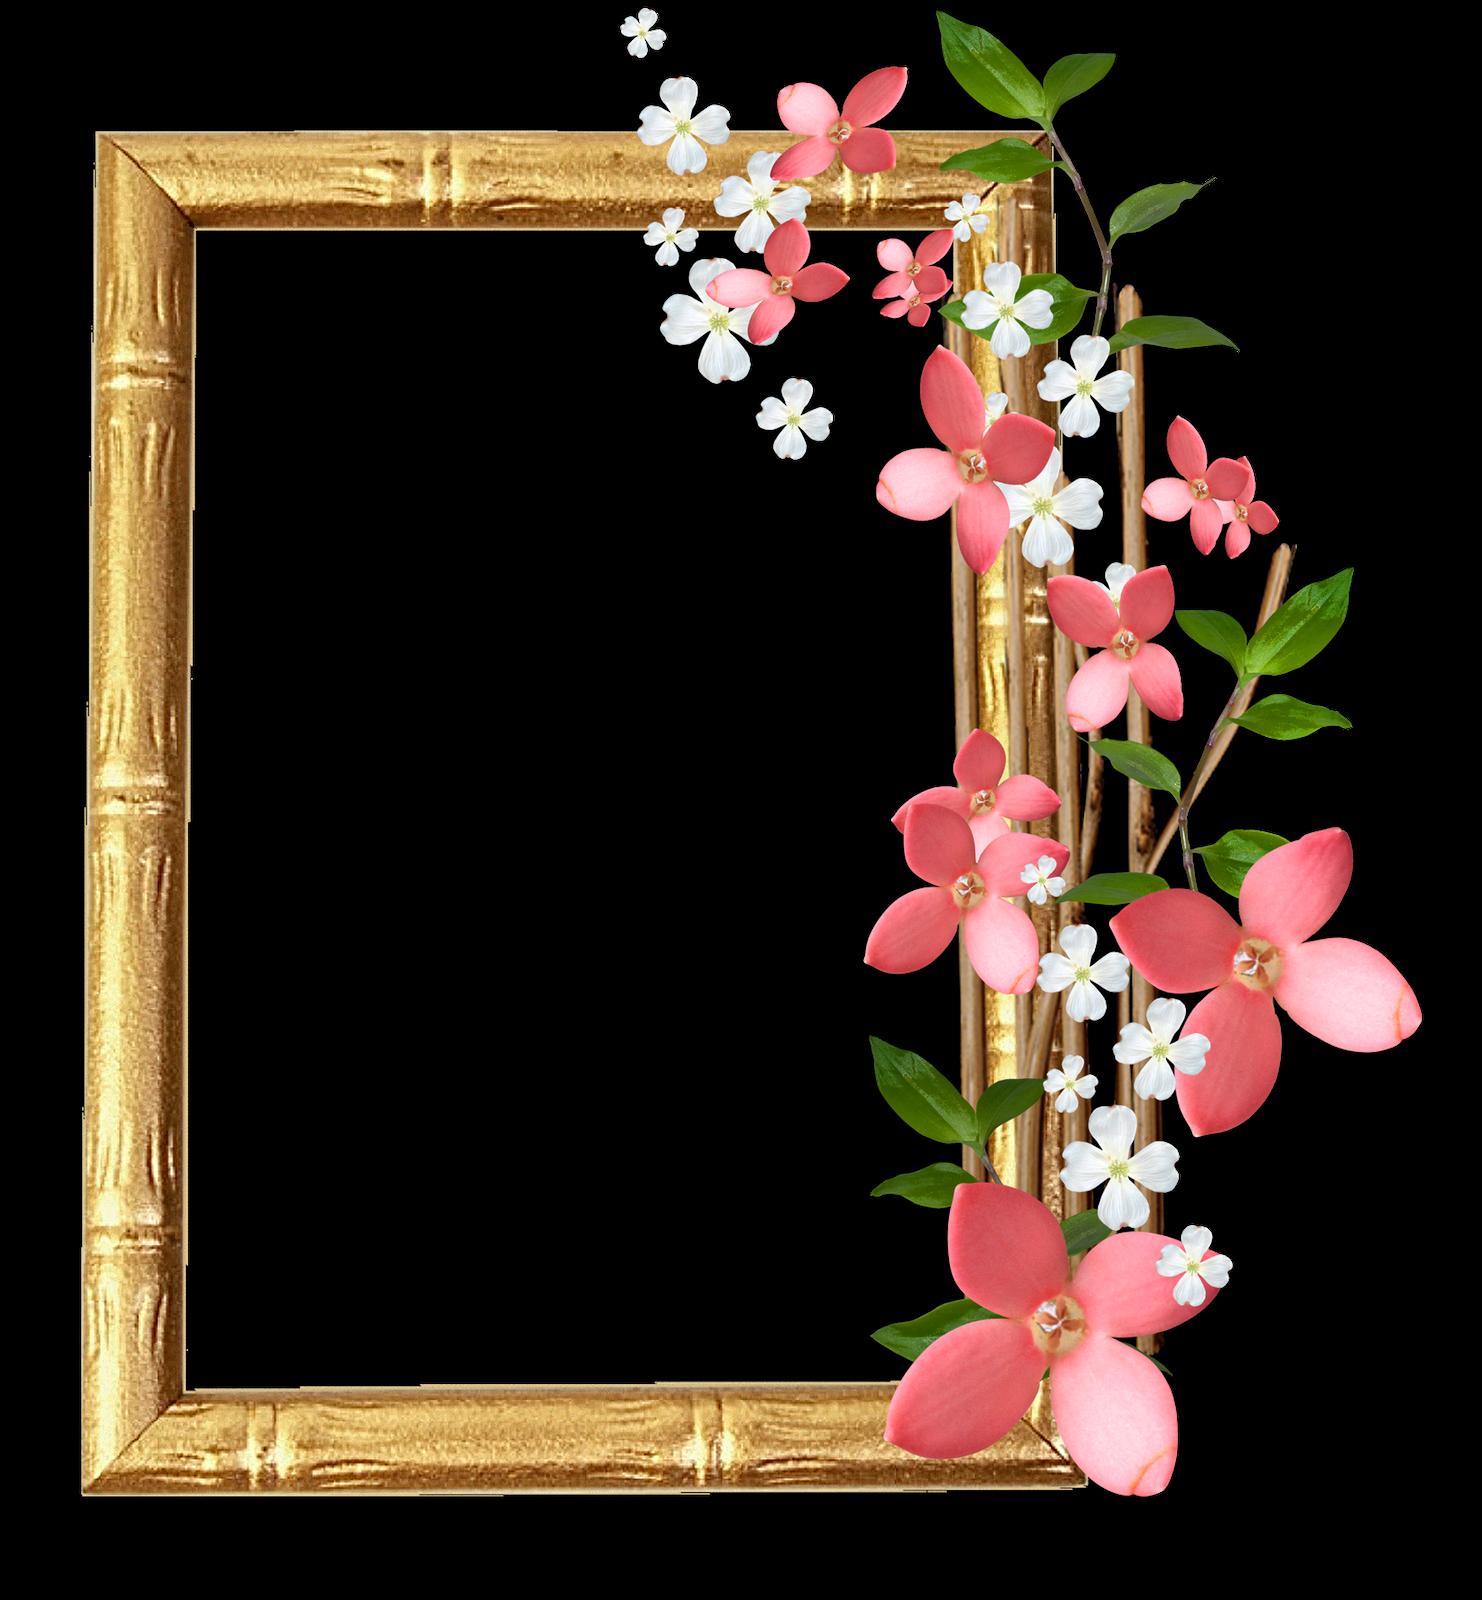 Colecci n de gifs marcos para fotos de flores - Marcos para fotos economicos ...